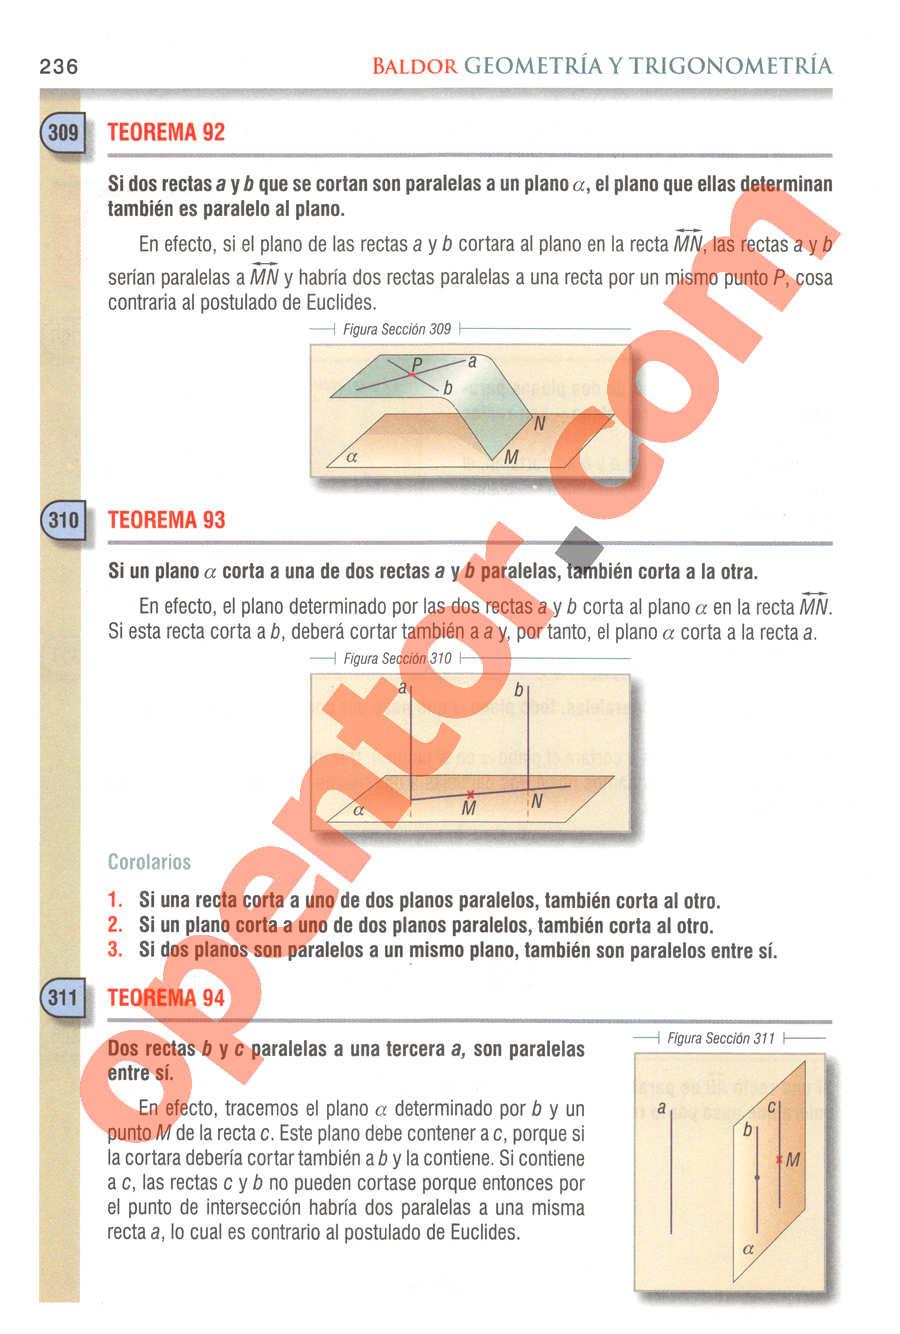 Geometría y Trigonometría de Baldor - Página 236